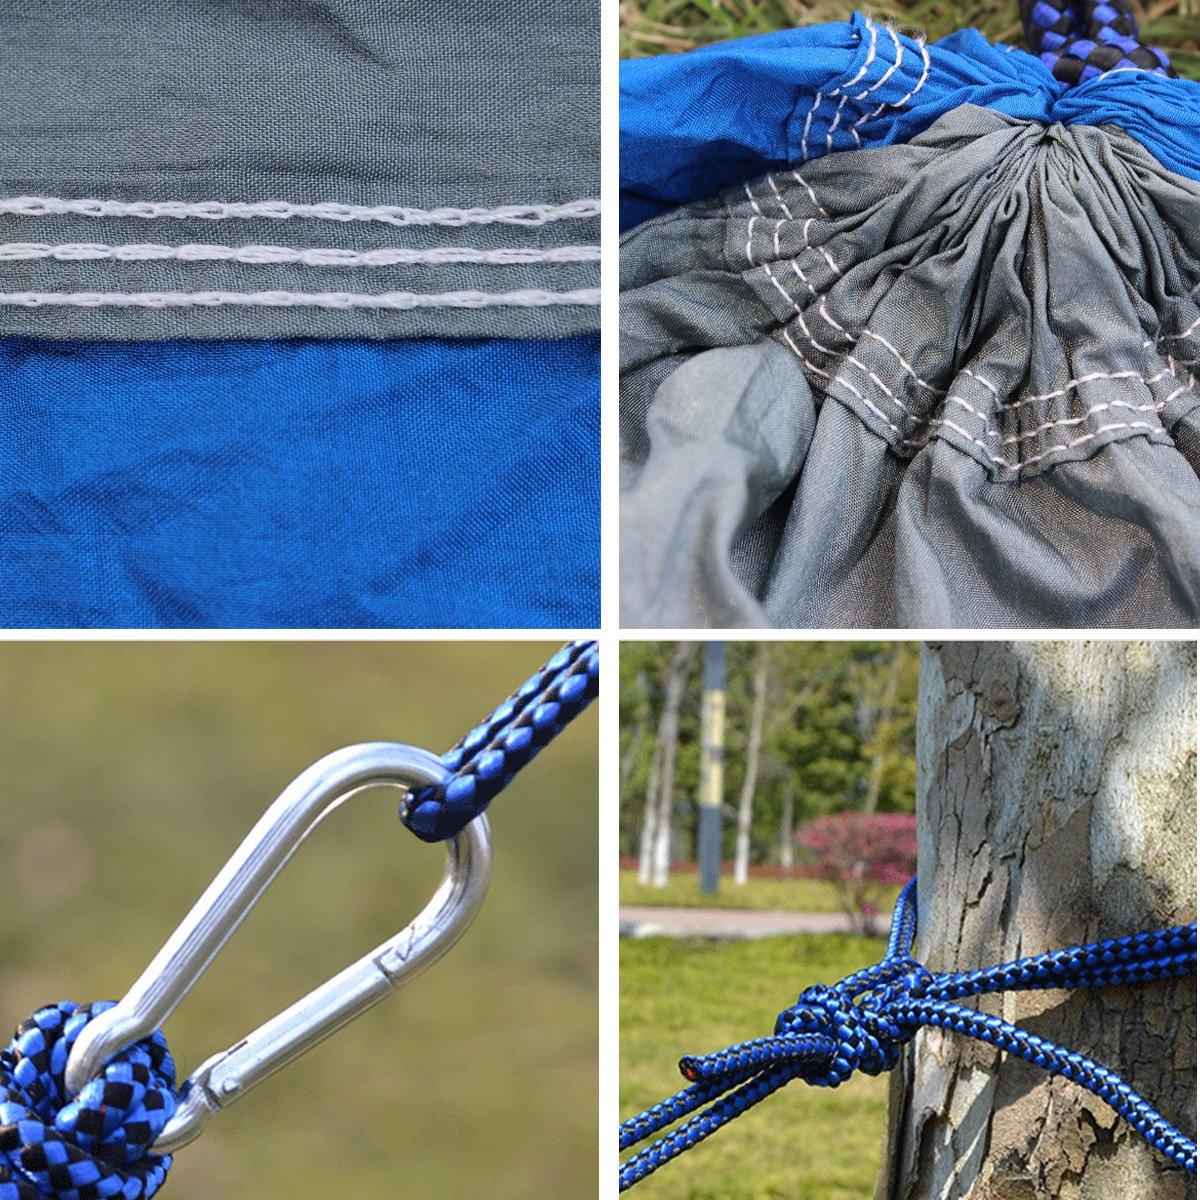 Single / Double Camping Hamaca, NATUCE Portátil de secado rápido Paracaídas Nylon Tela cama para senderismo / Viajes / Mochilero / Playa / Yard, ...